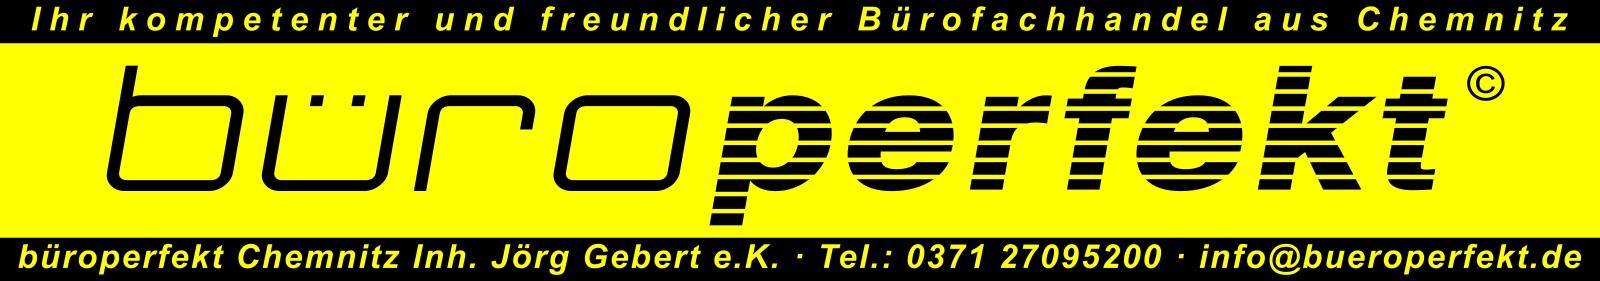 büroperfekt Chemnitz Inh. Jörg Gebert e.K.